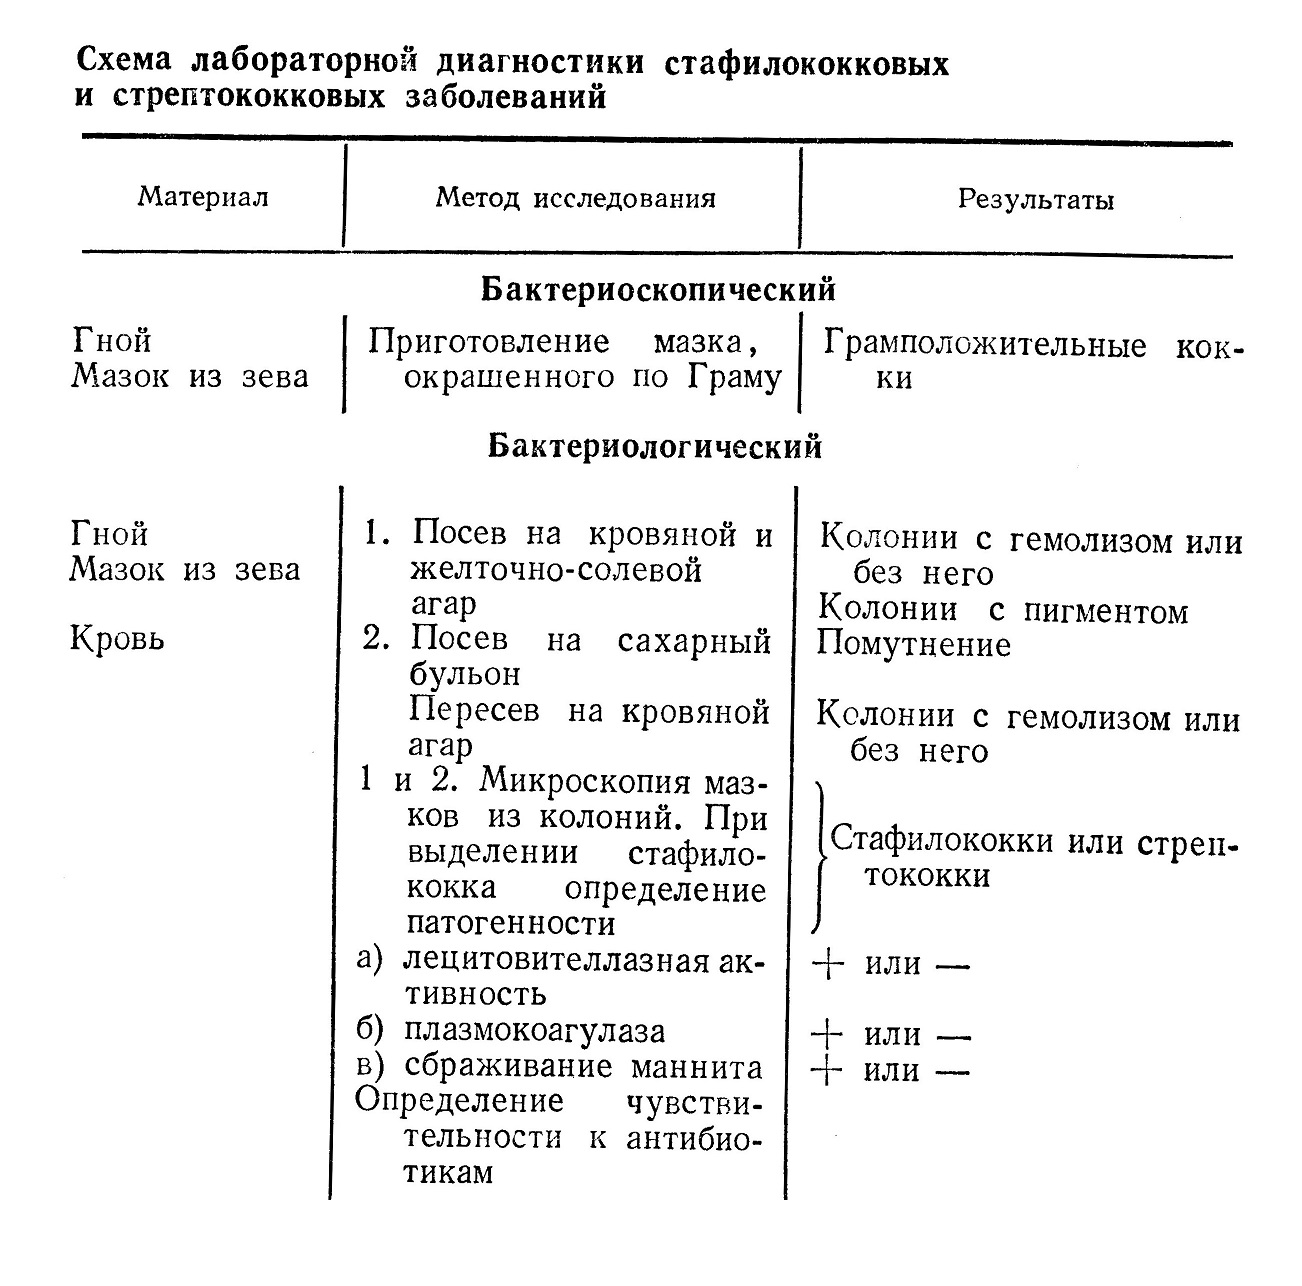 лабораторная диагностика стафилококковых и стрептококковых заболеваний